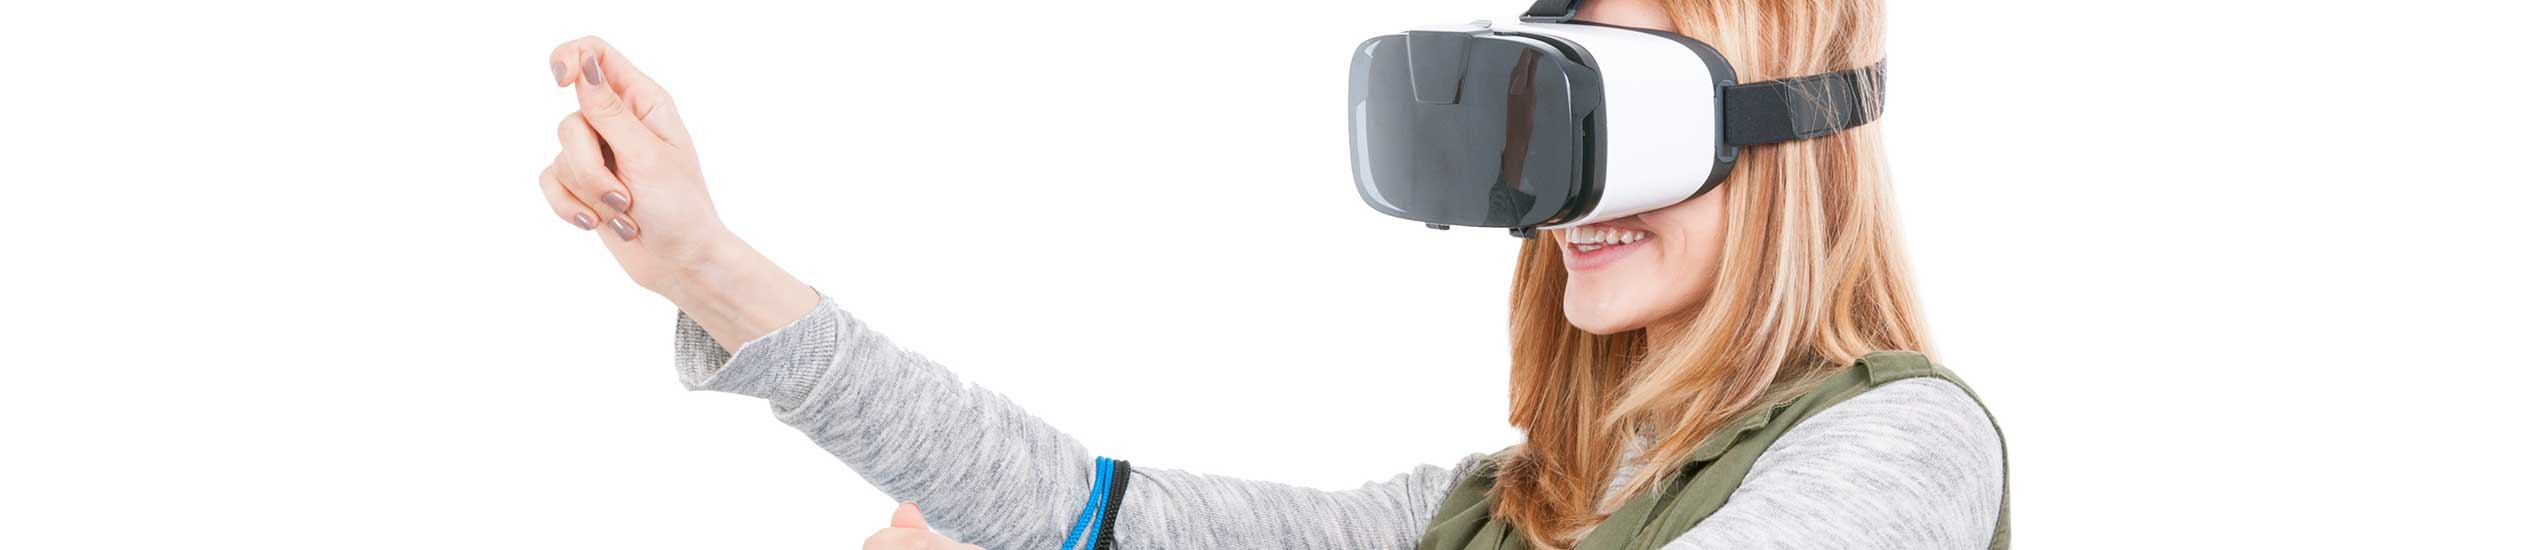 Sales Floor Solutions Titlebild - Frau beim Einkauf mit Tragetaschen und VR Brille